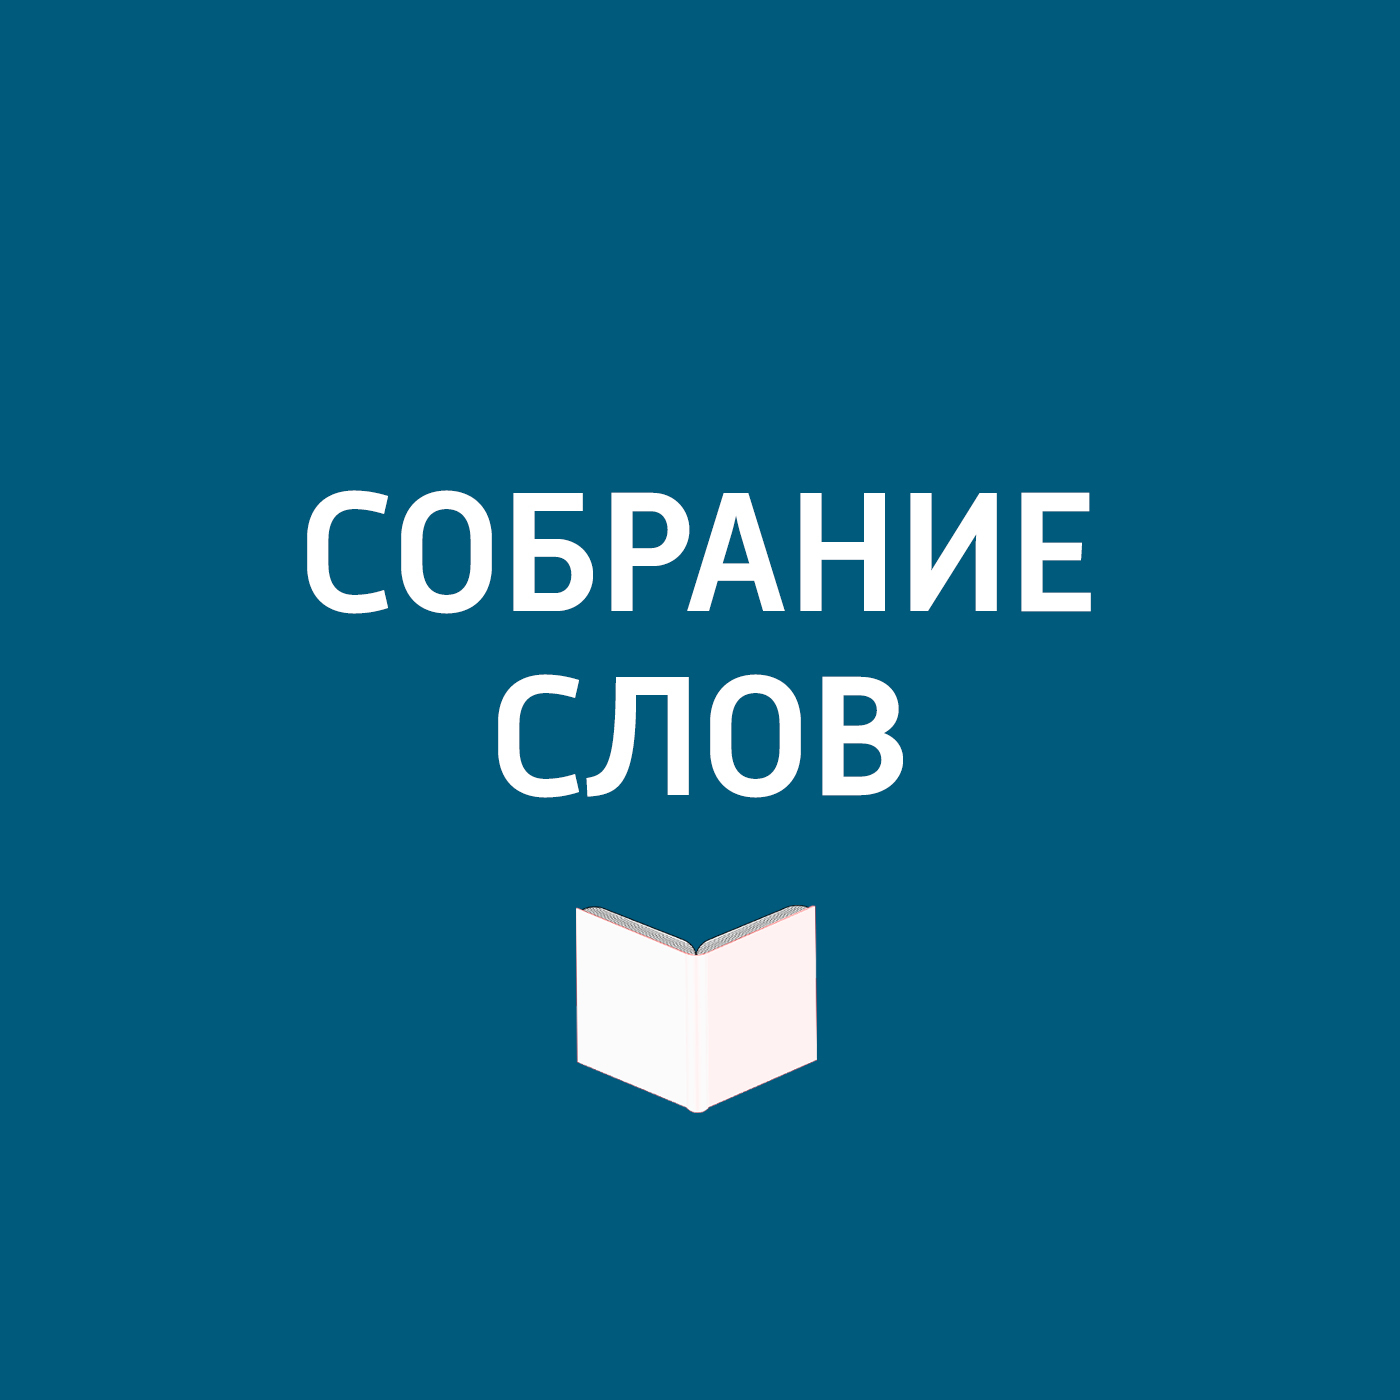 Торческий коллекти программы «Собрание сло» Большое интерью Николая Табашникоа